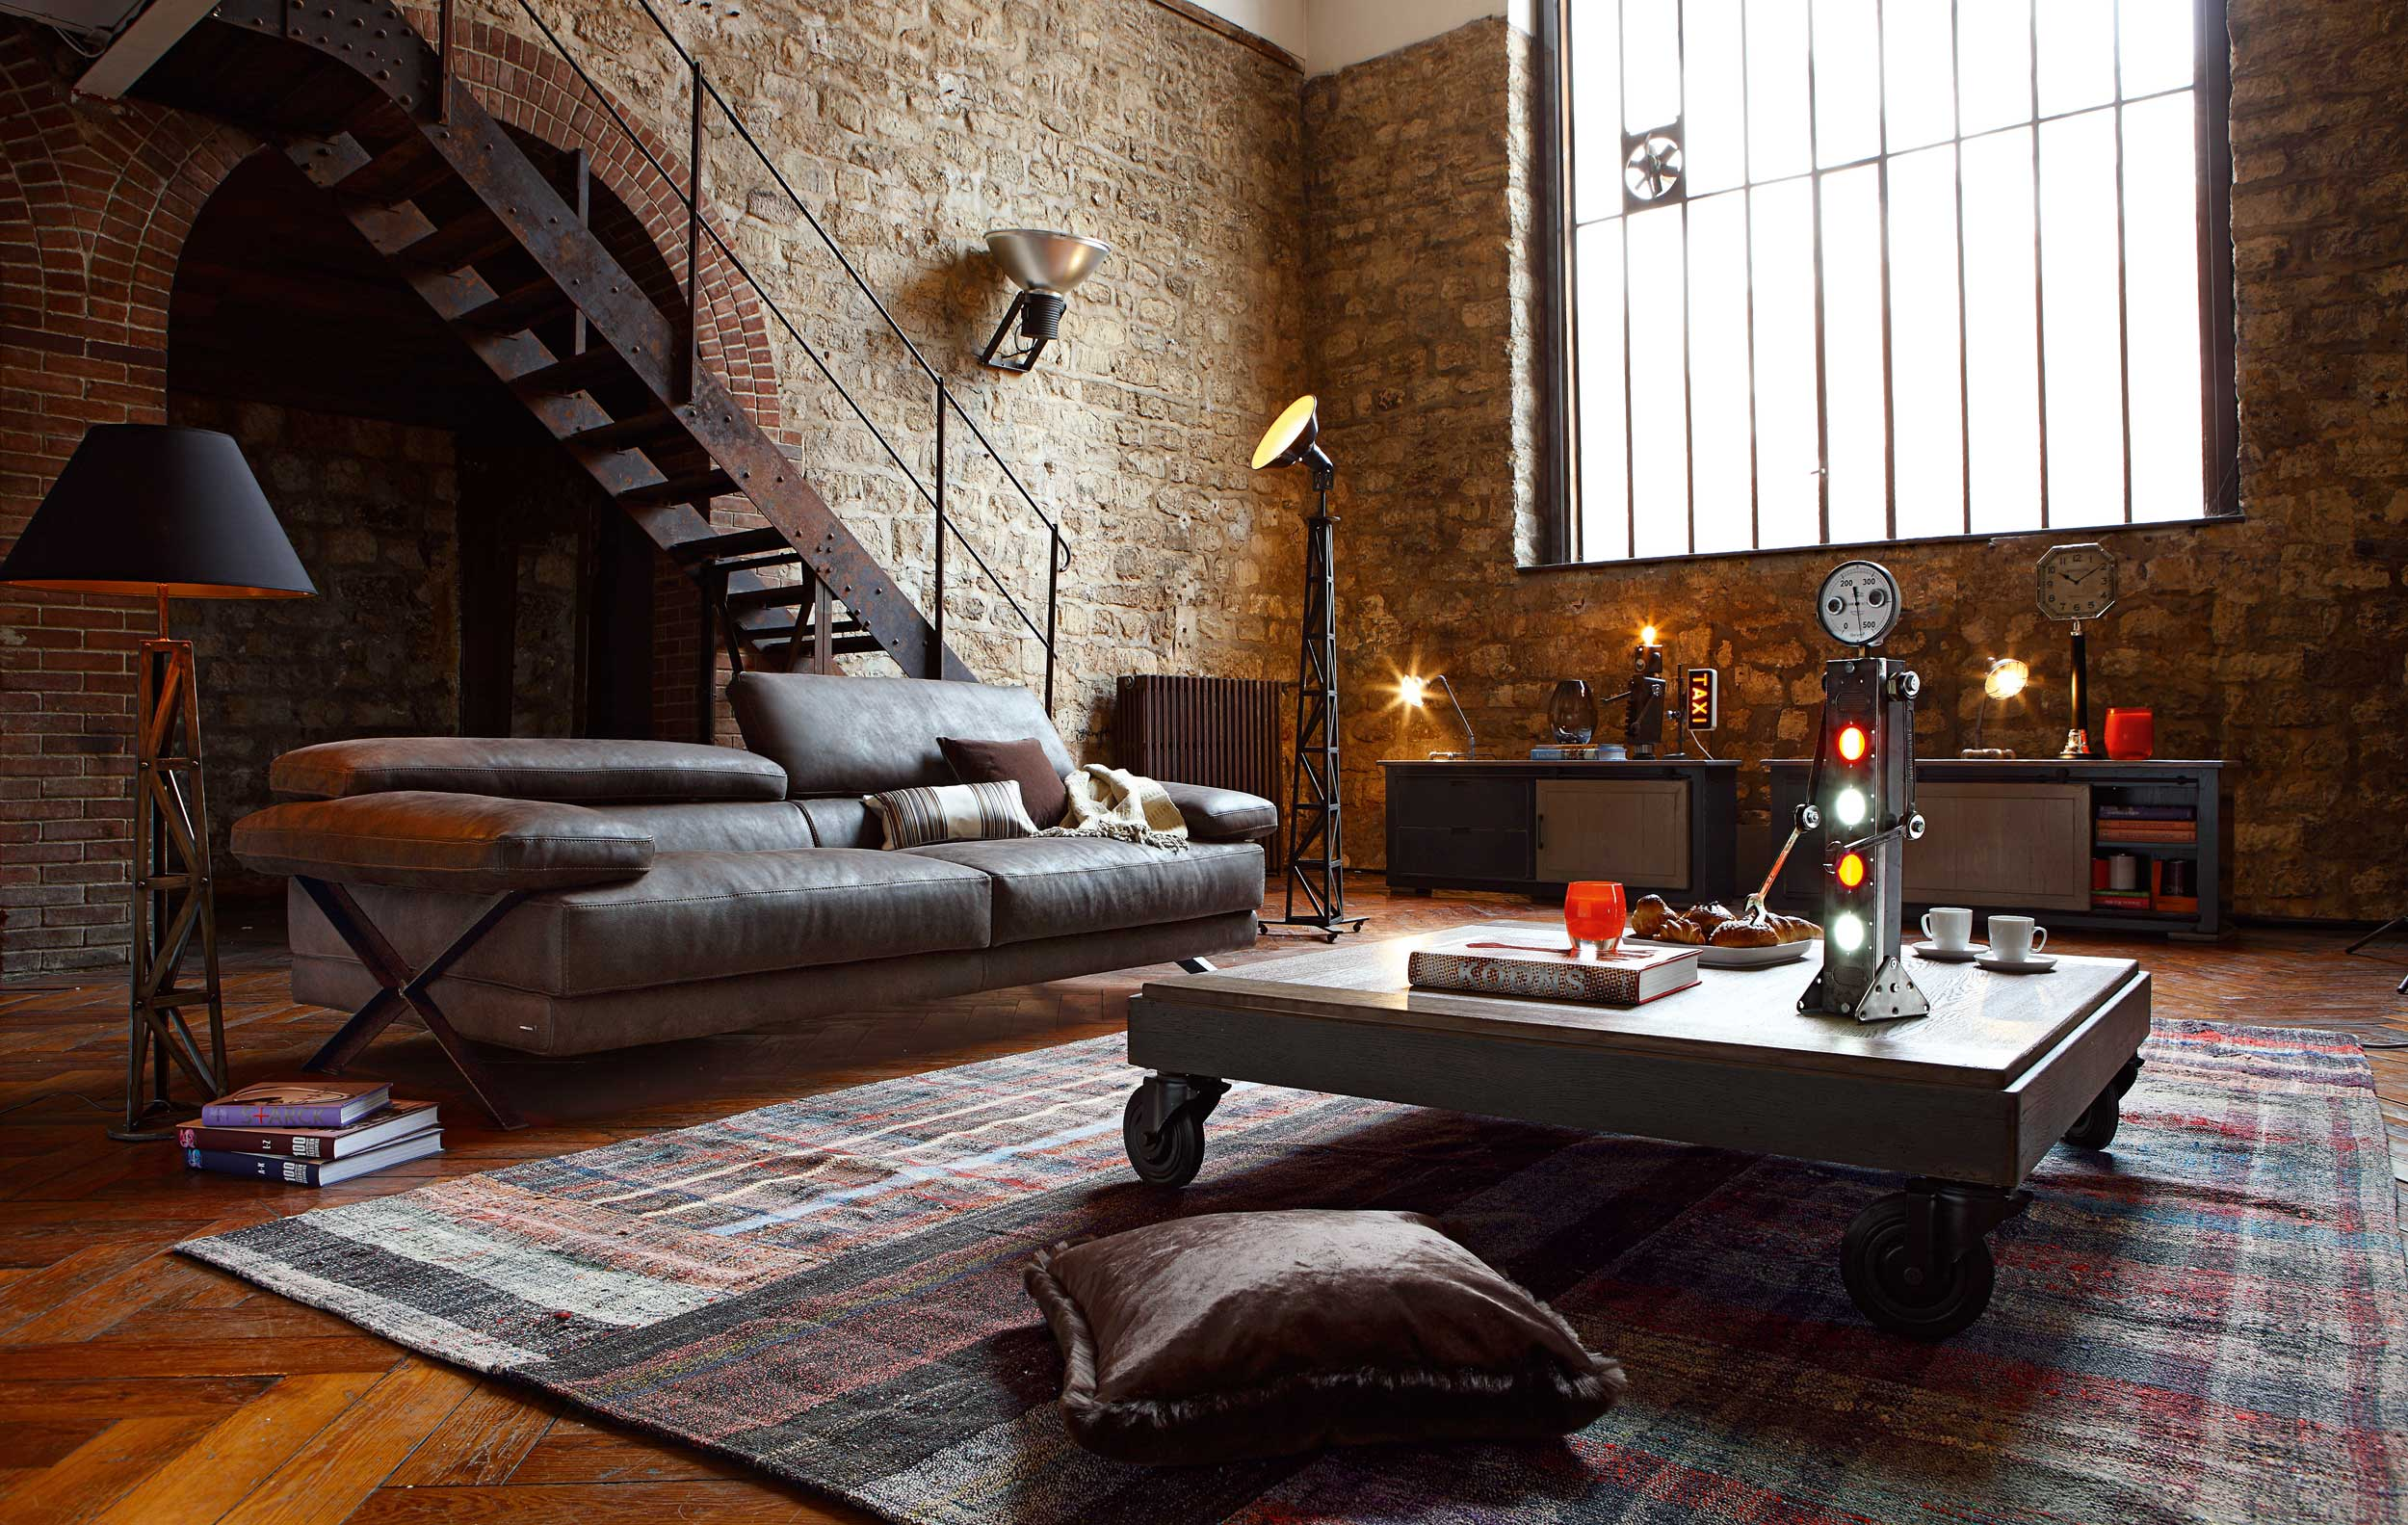 Bezaubernd Industrial Style Wohnen Ideen Von